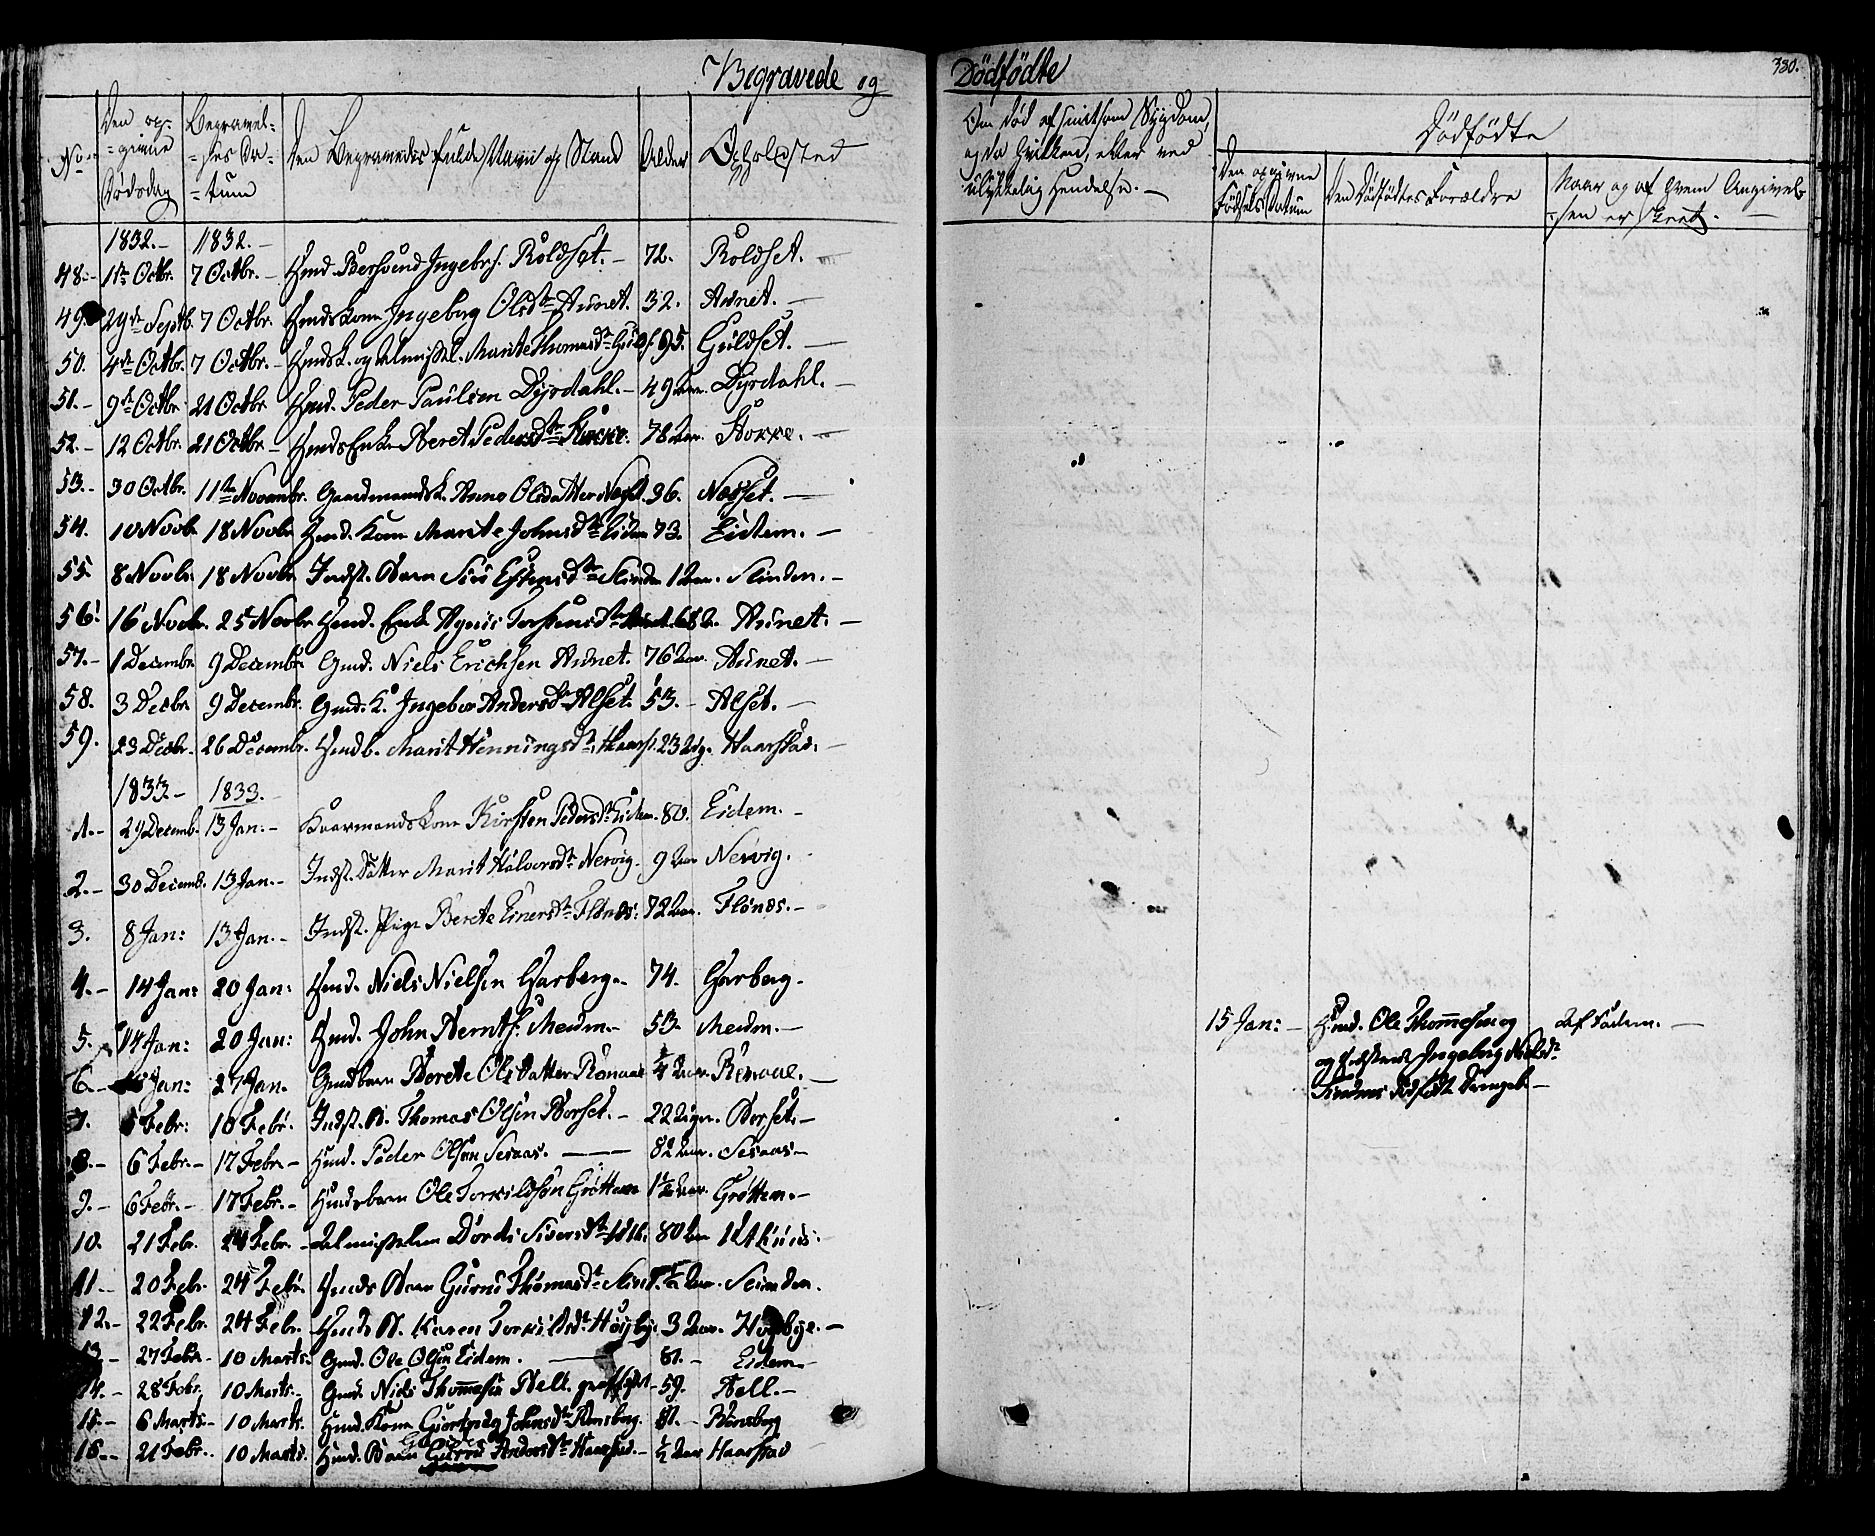 SAT, Ministerialprotokoller, klokkerbøker og fødselsregistre - Sør-Trøndelag, 695/L1143: Ministerialbok nr. 695A05 /1, 1824-1842, s. 380